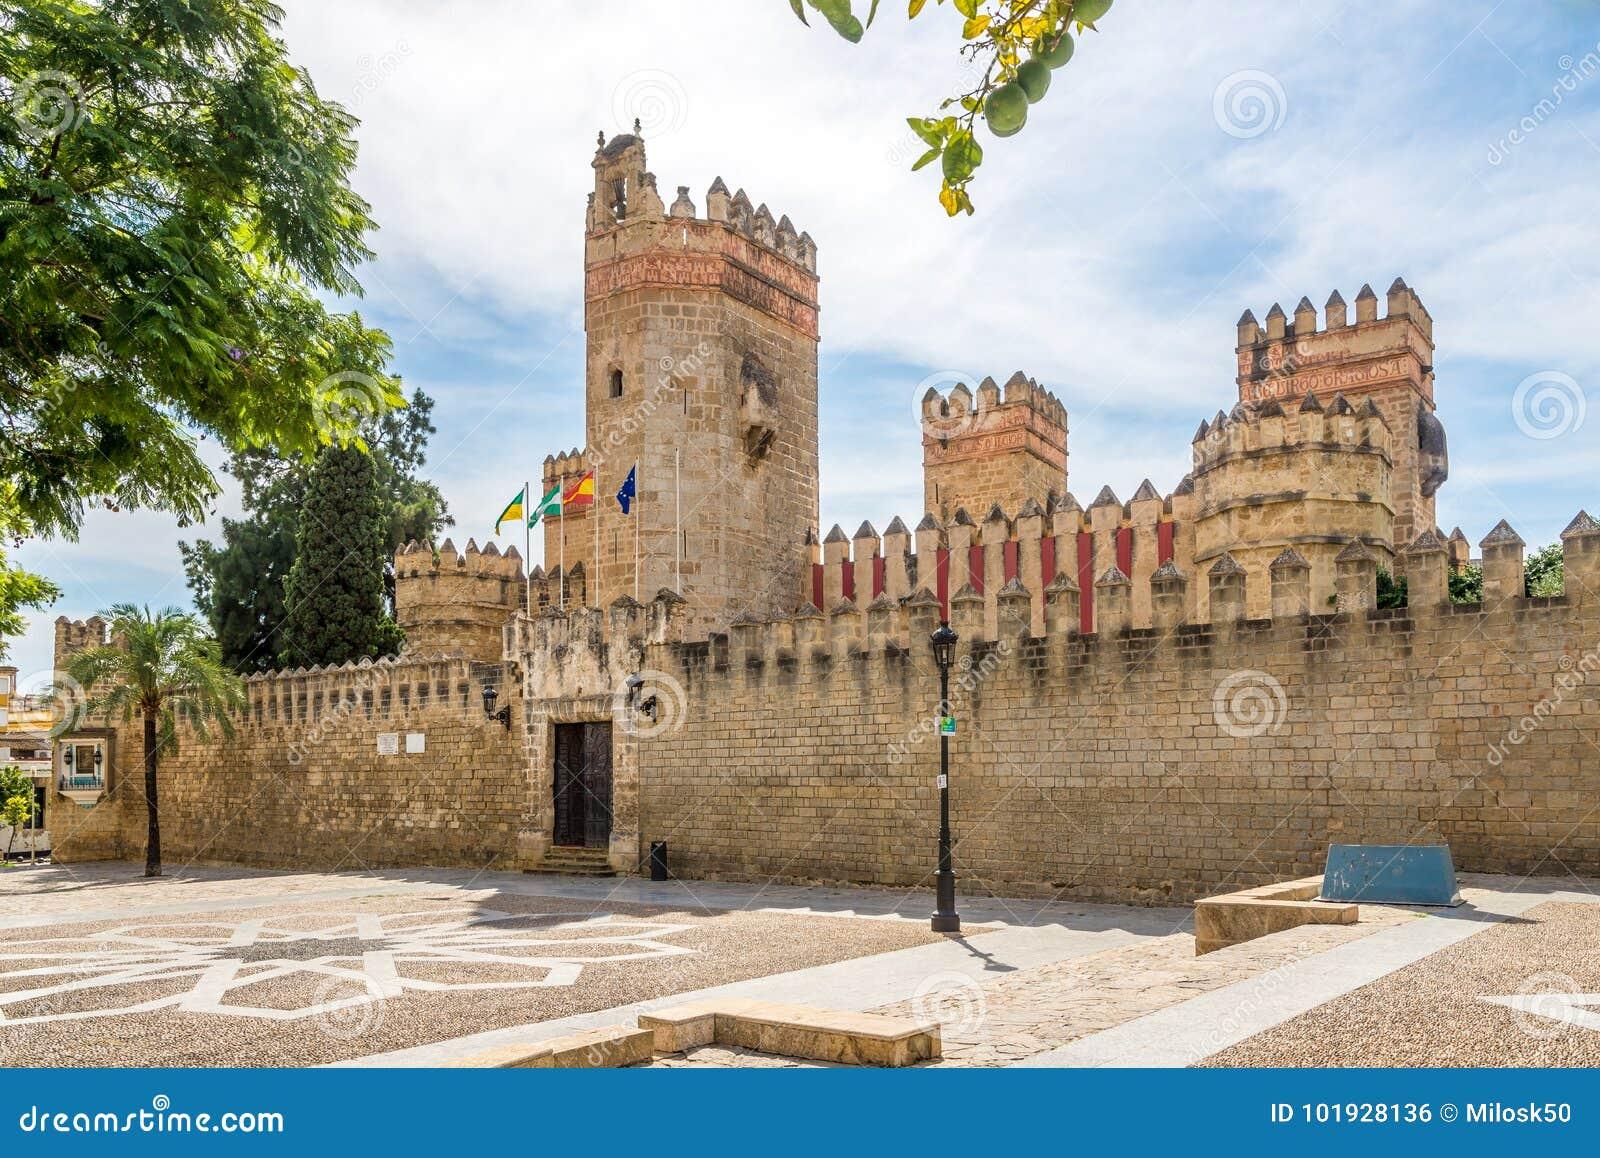 Άποψη στο κάστρο SAN Marco στην πόλη EL Puerto de Σάντα Μαρία, Ισπανία